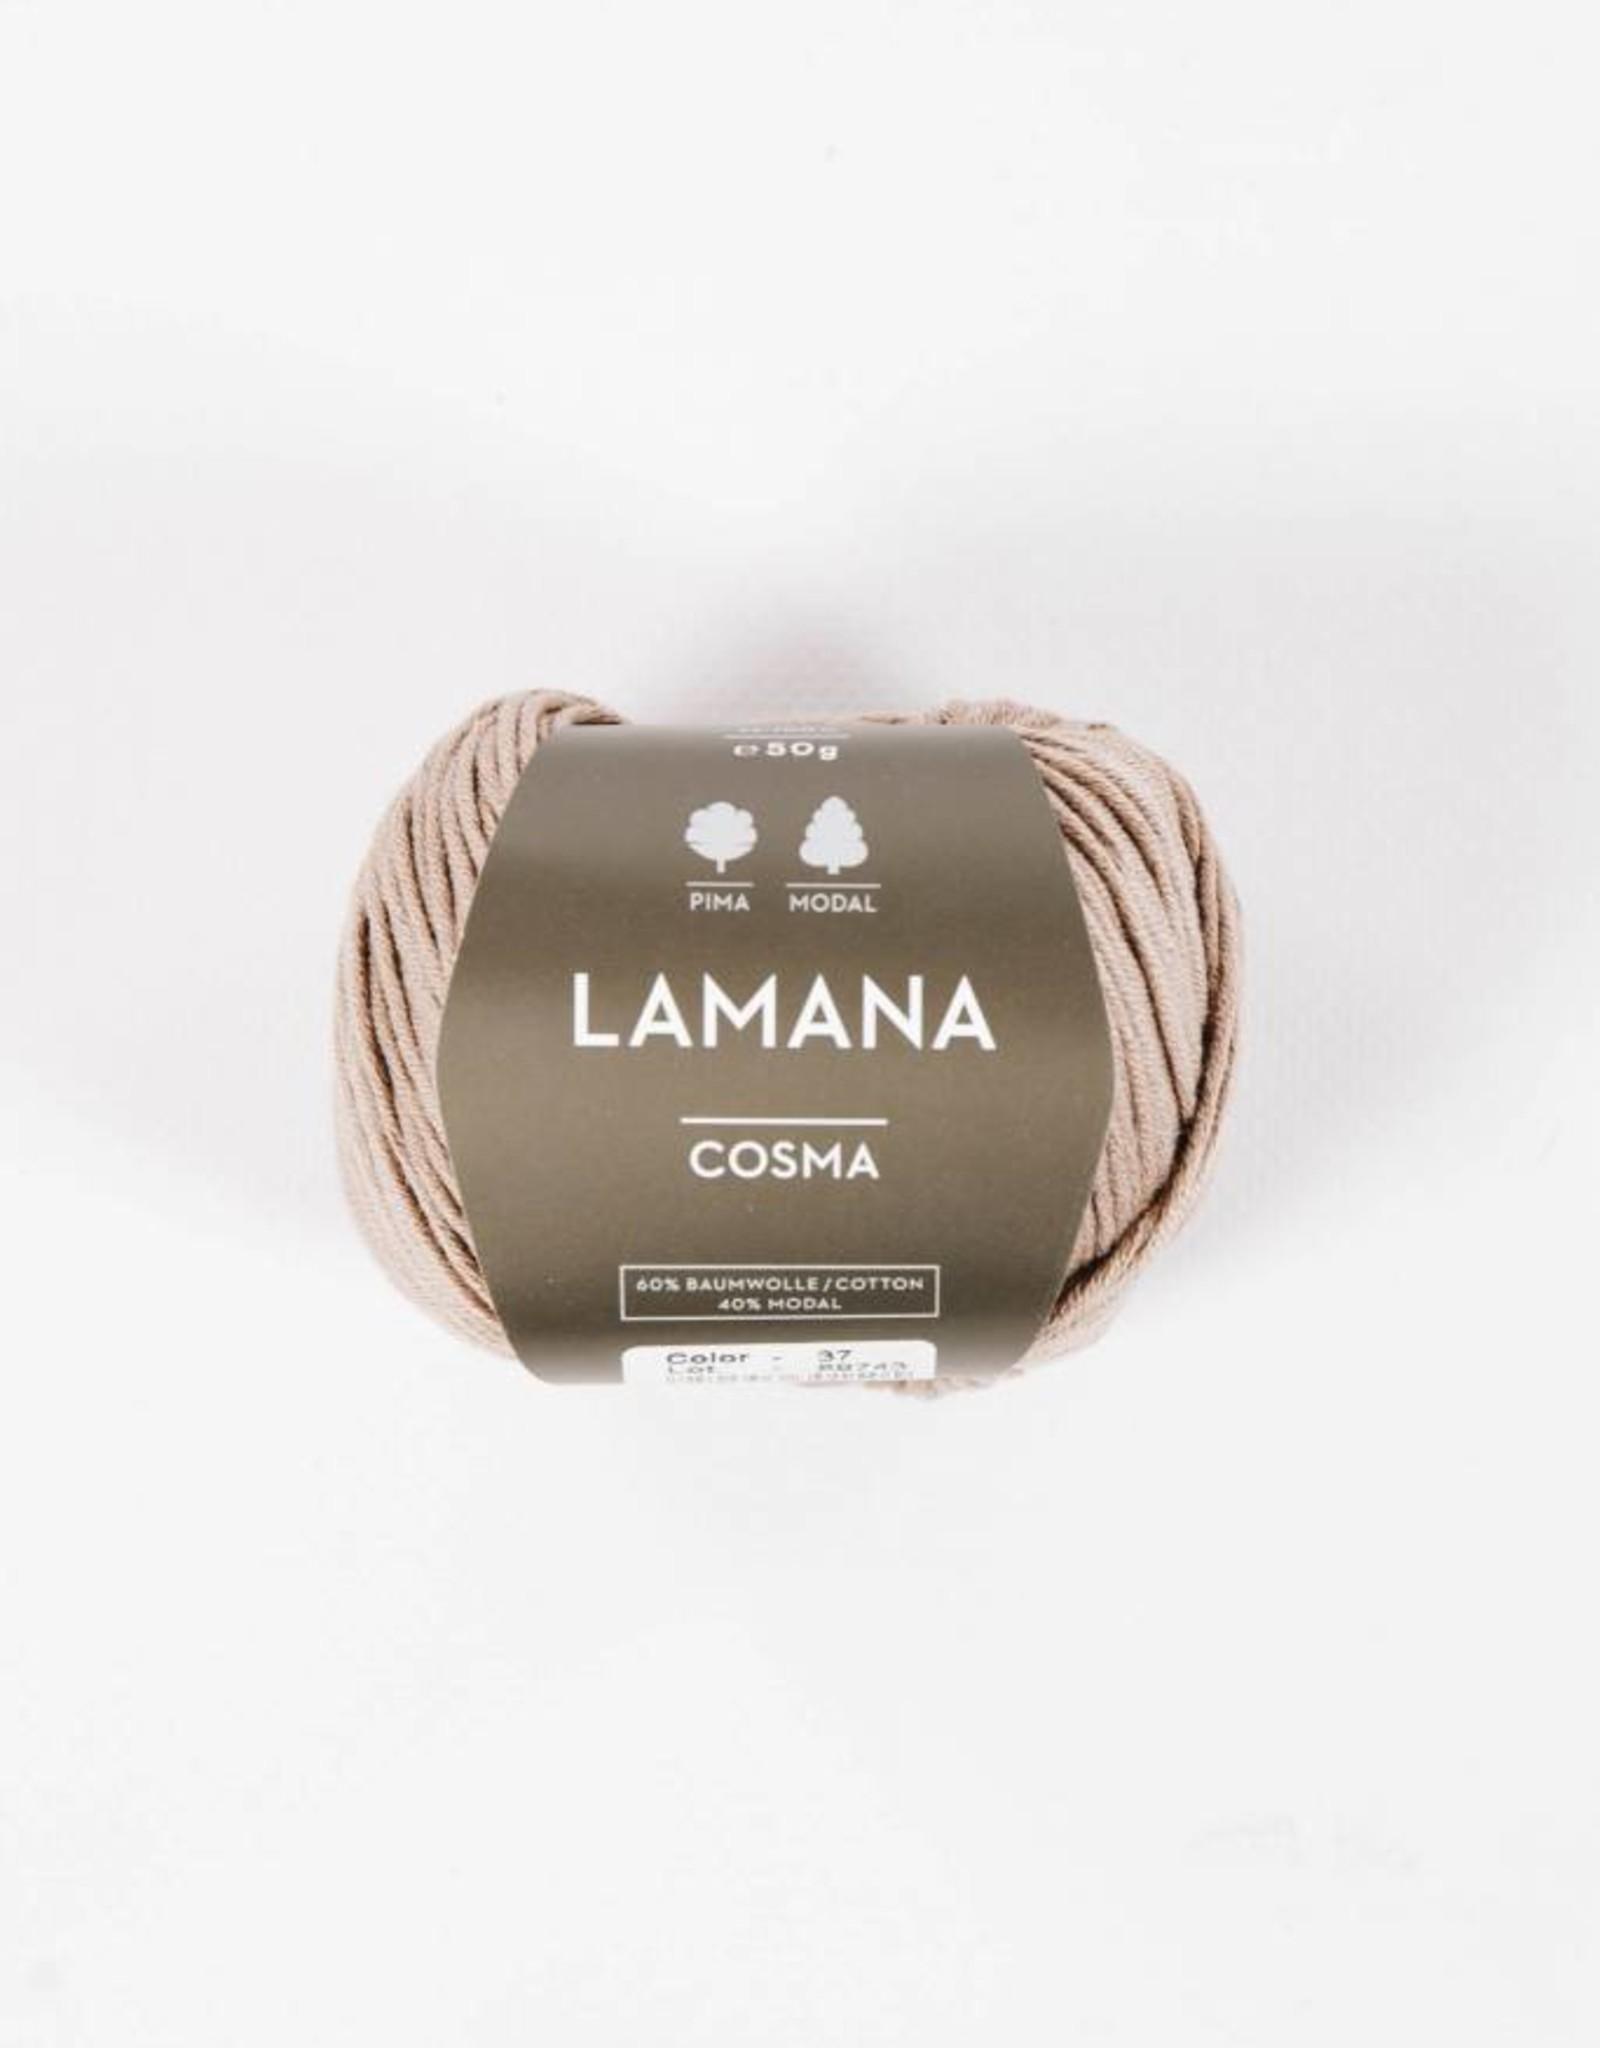 LAMANA LAMANA - Cosma 37